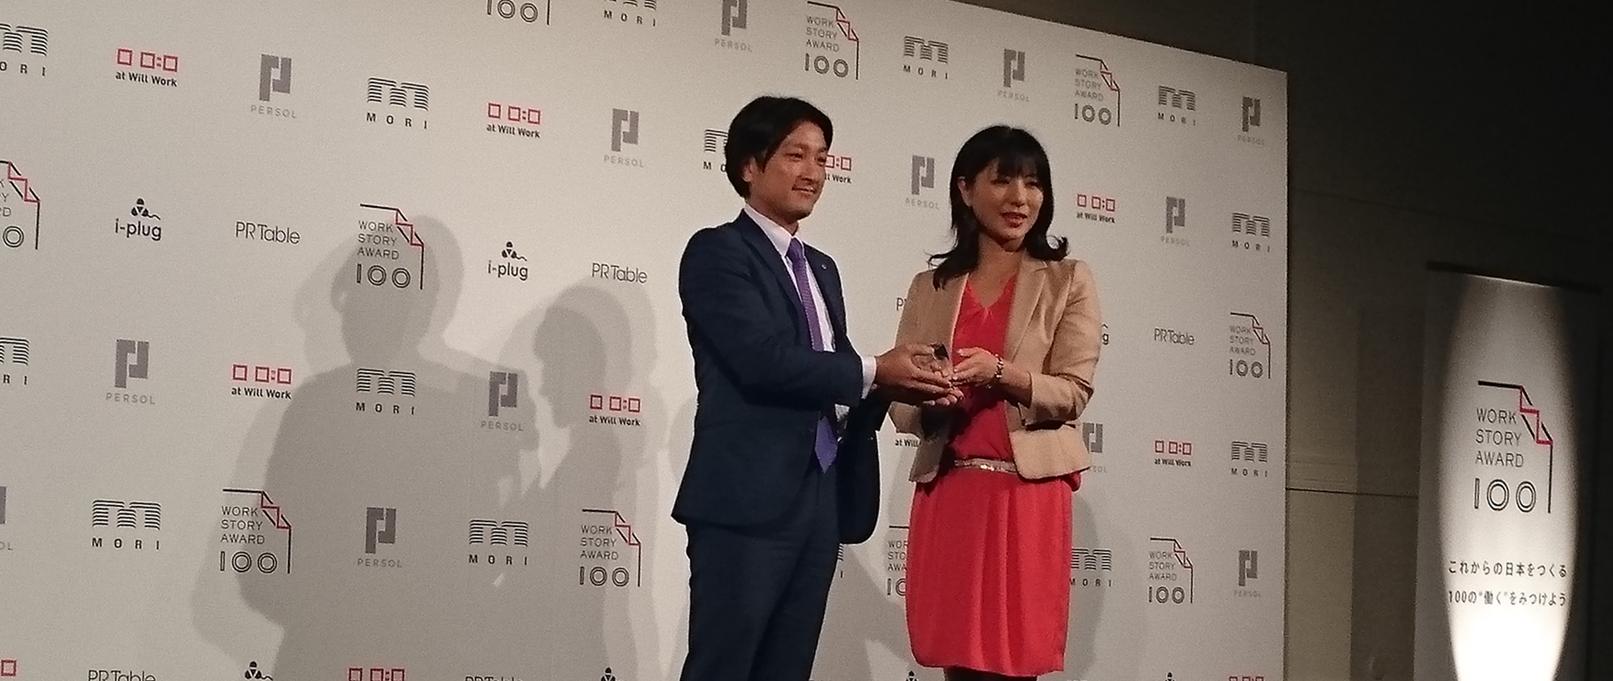 建設派遣のアイアール、「Work Story Award 2017」でダブル受賞